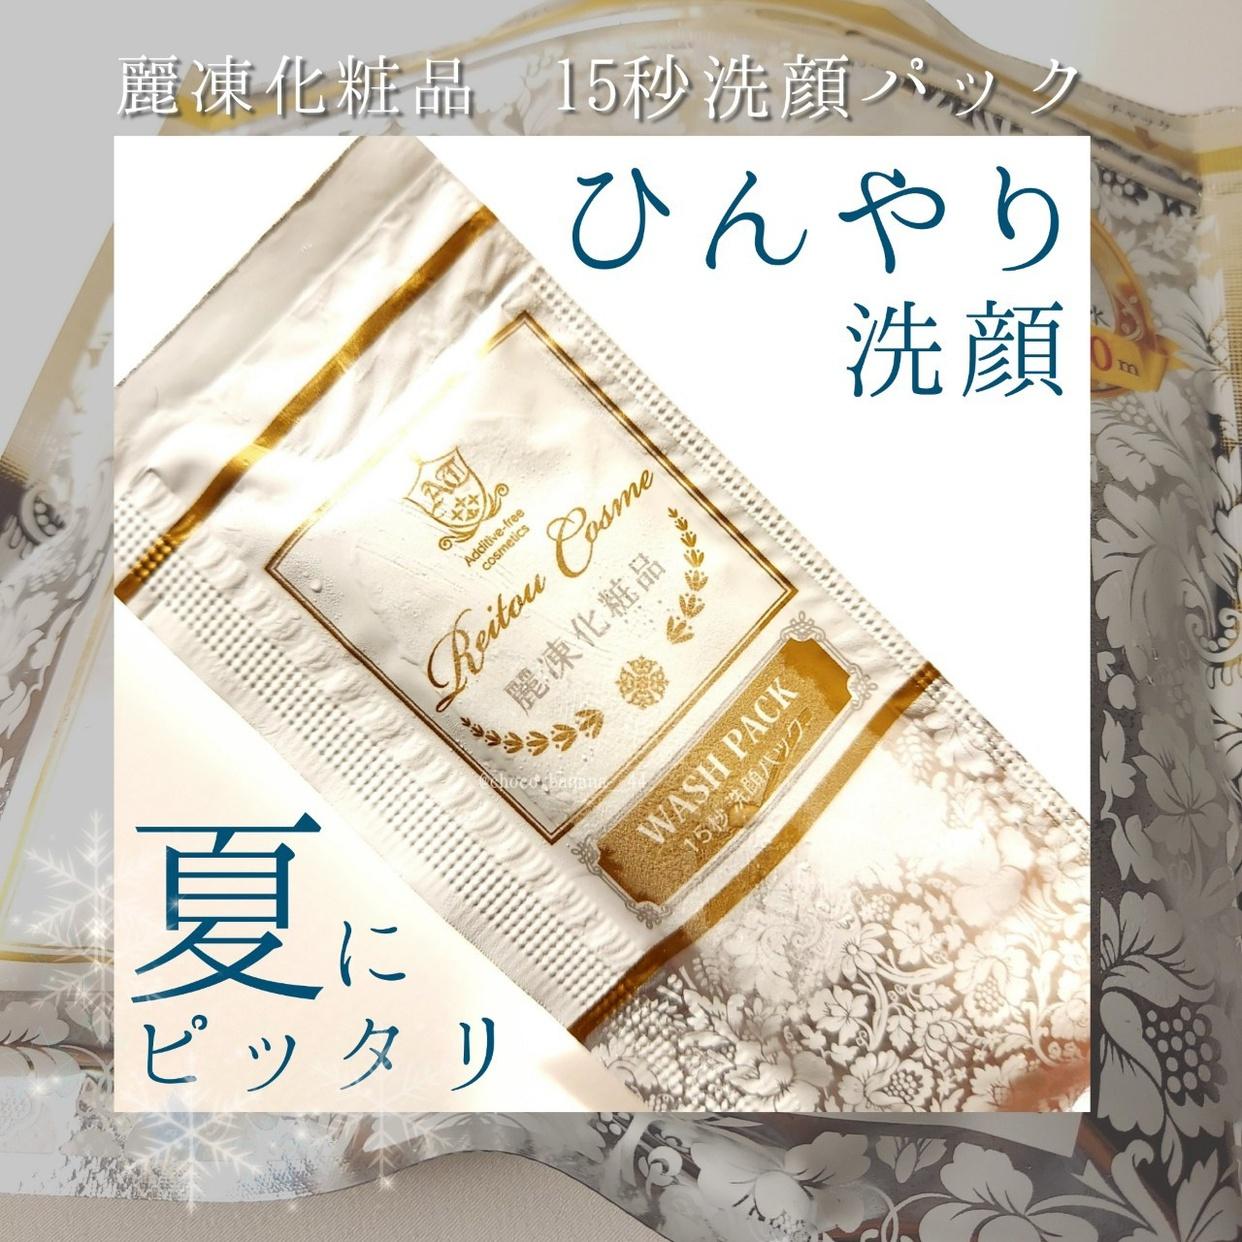 麗凍化粧品(Reitou Cosme) 15秒洗顔パックを使ったししさんのクチコミ画像1